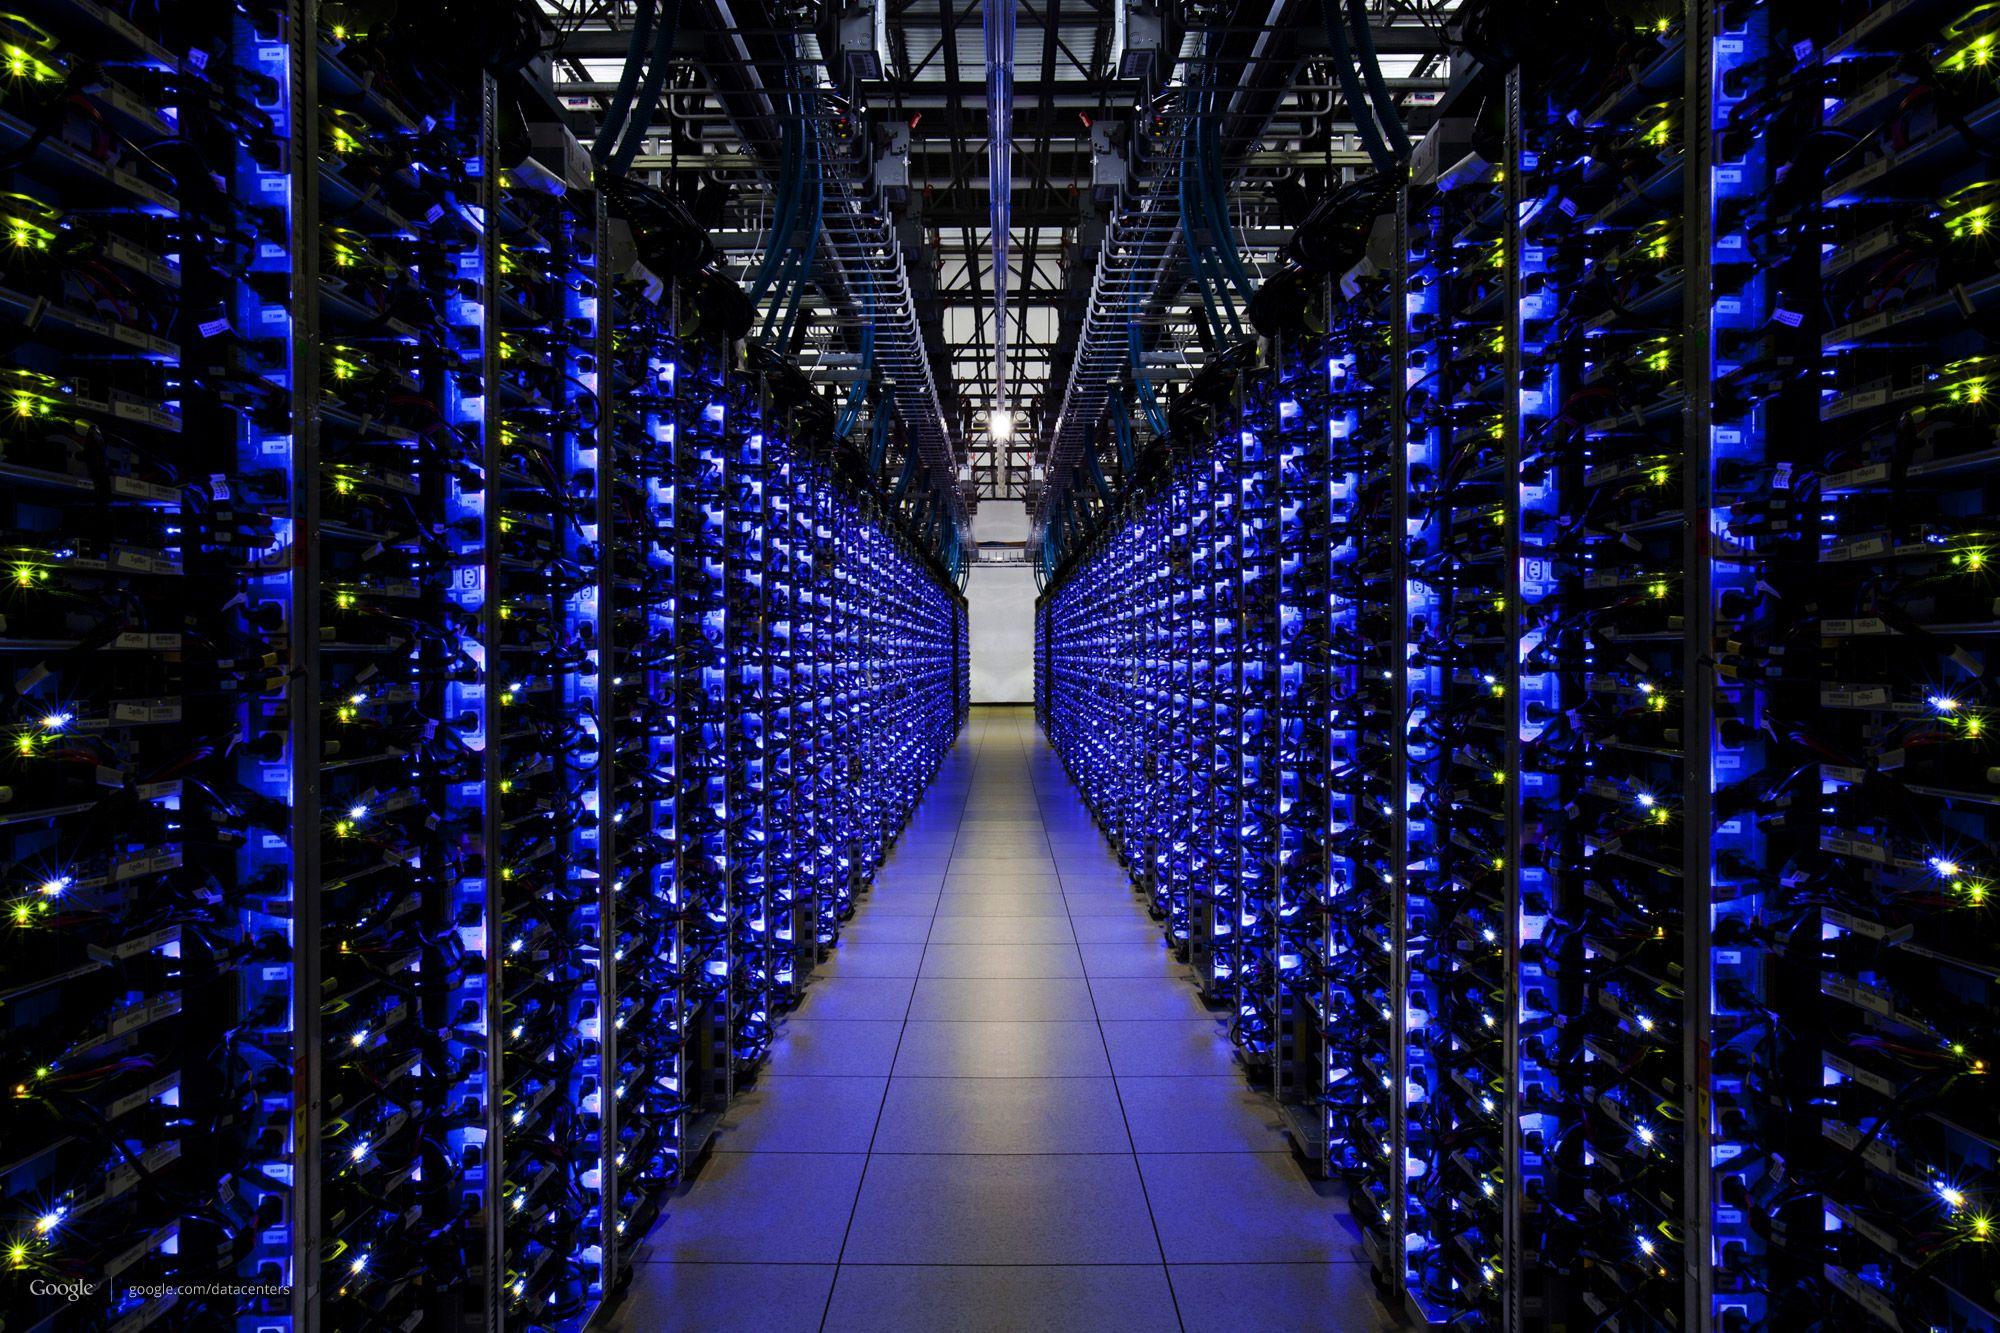 En rekke med servere. Blått lys indikerer at alt står bra til.Foto: Google/Connie Zhou